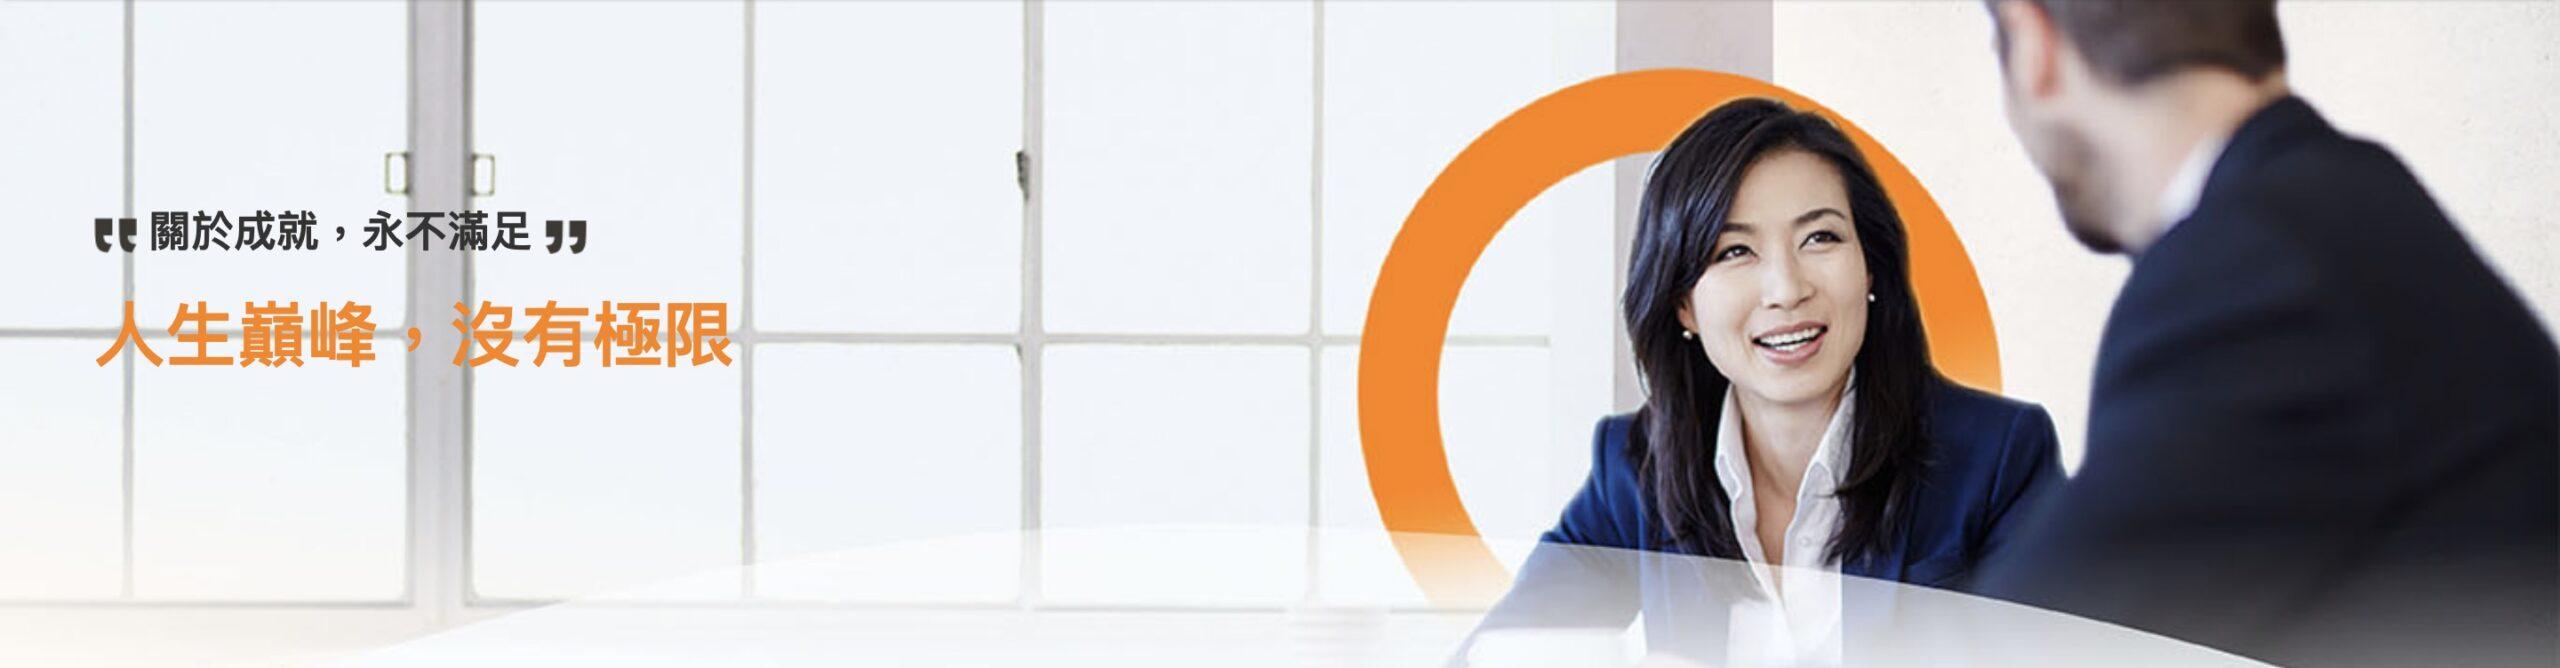 王道銀行 優質客群信貸